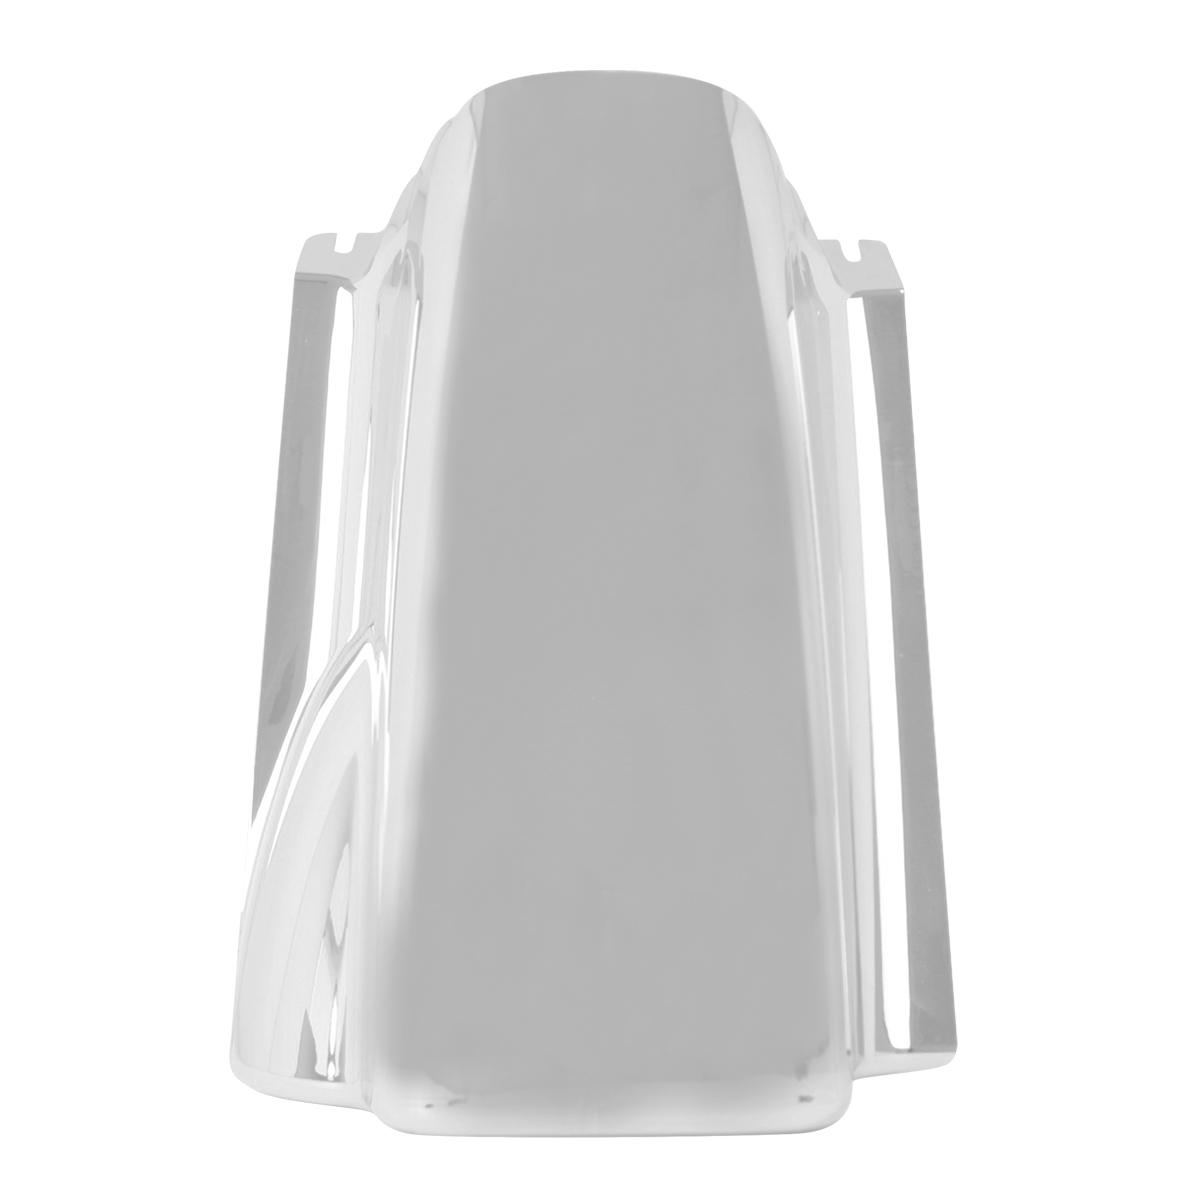 53998 Steering Column Cover for Peterbilt 2006 & Later